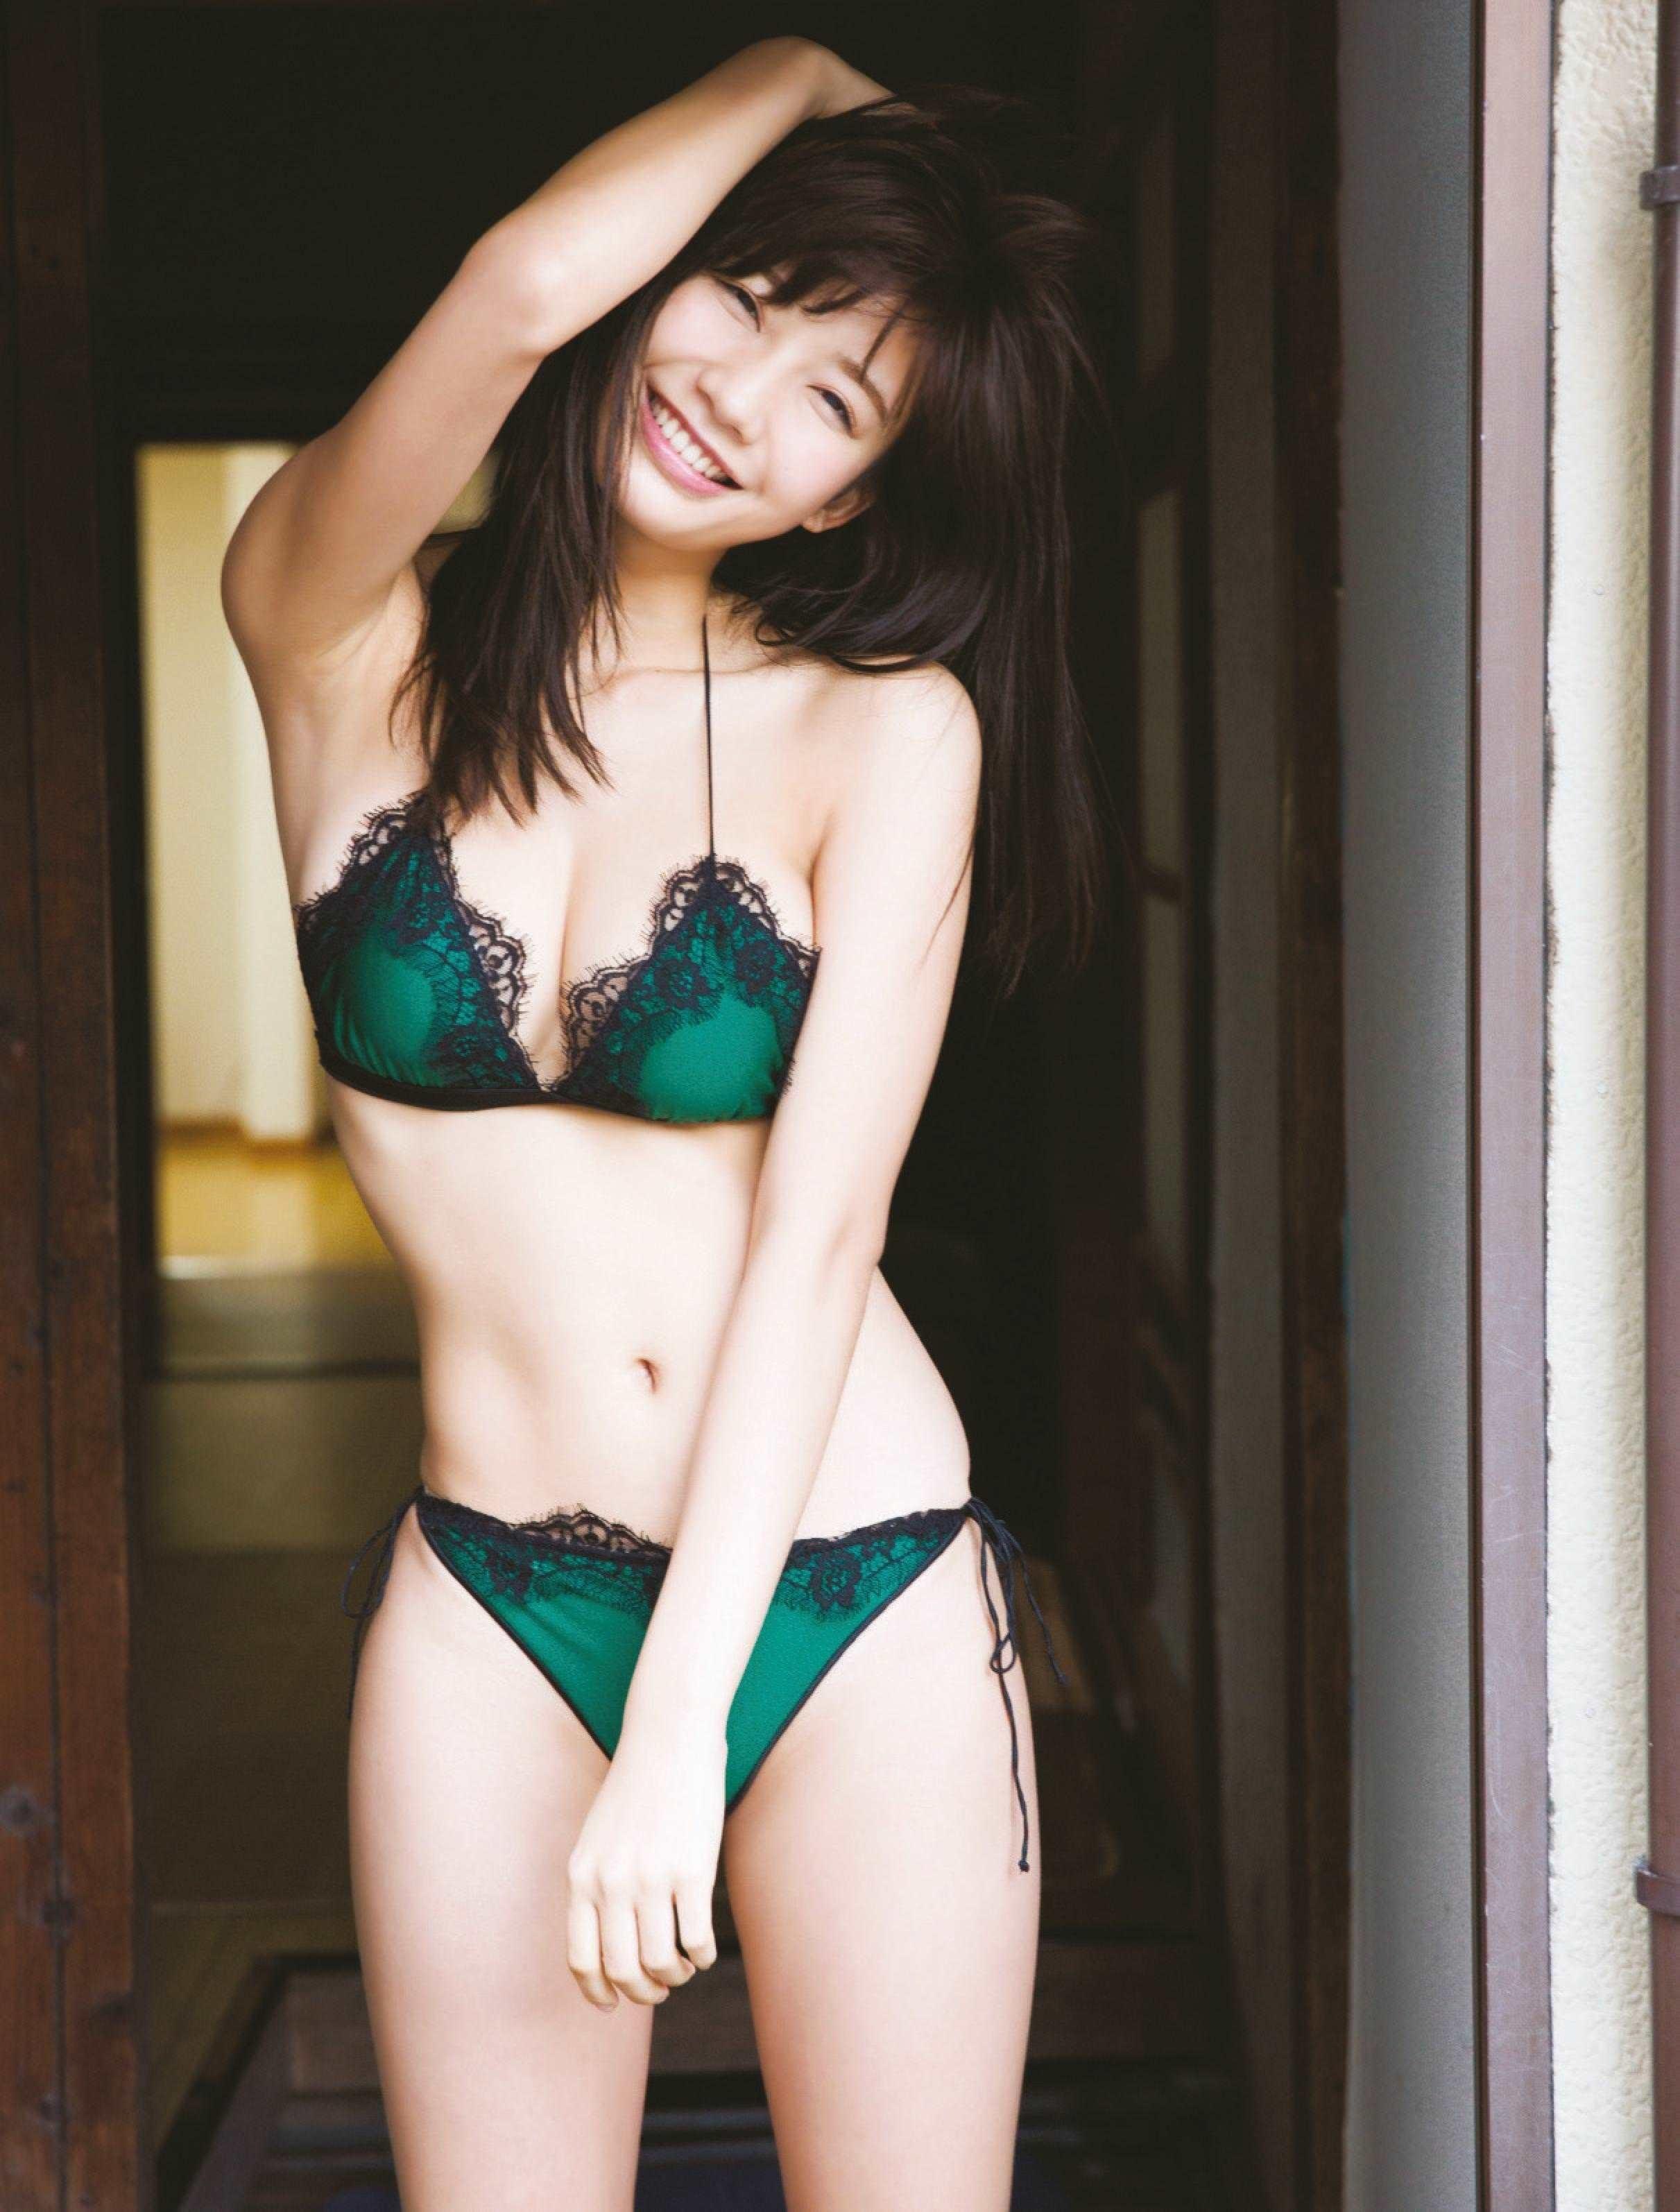 ogura_yuuka119.jpg